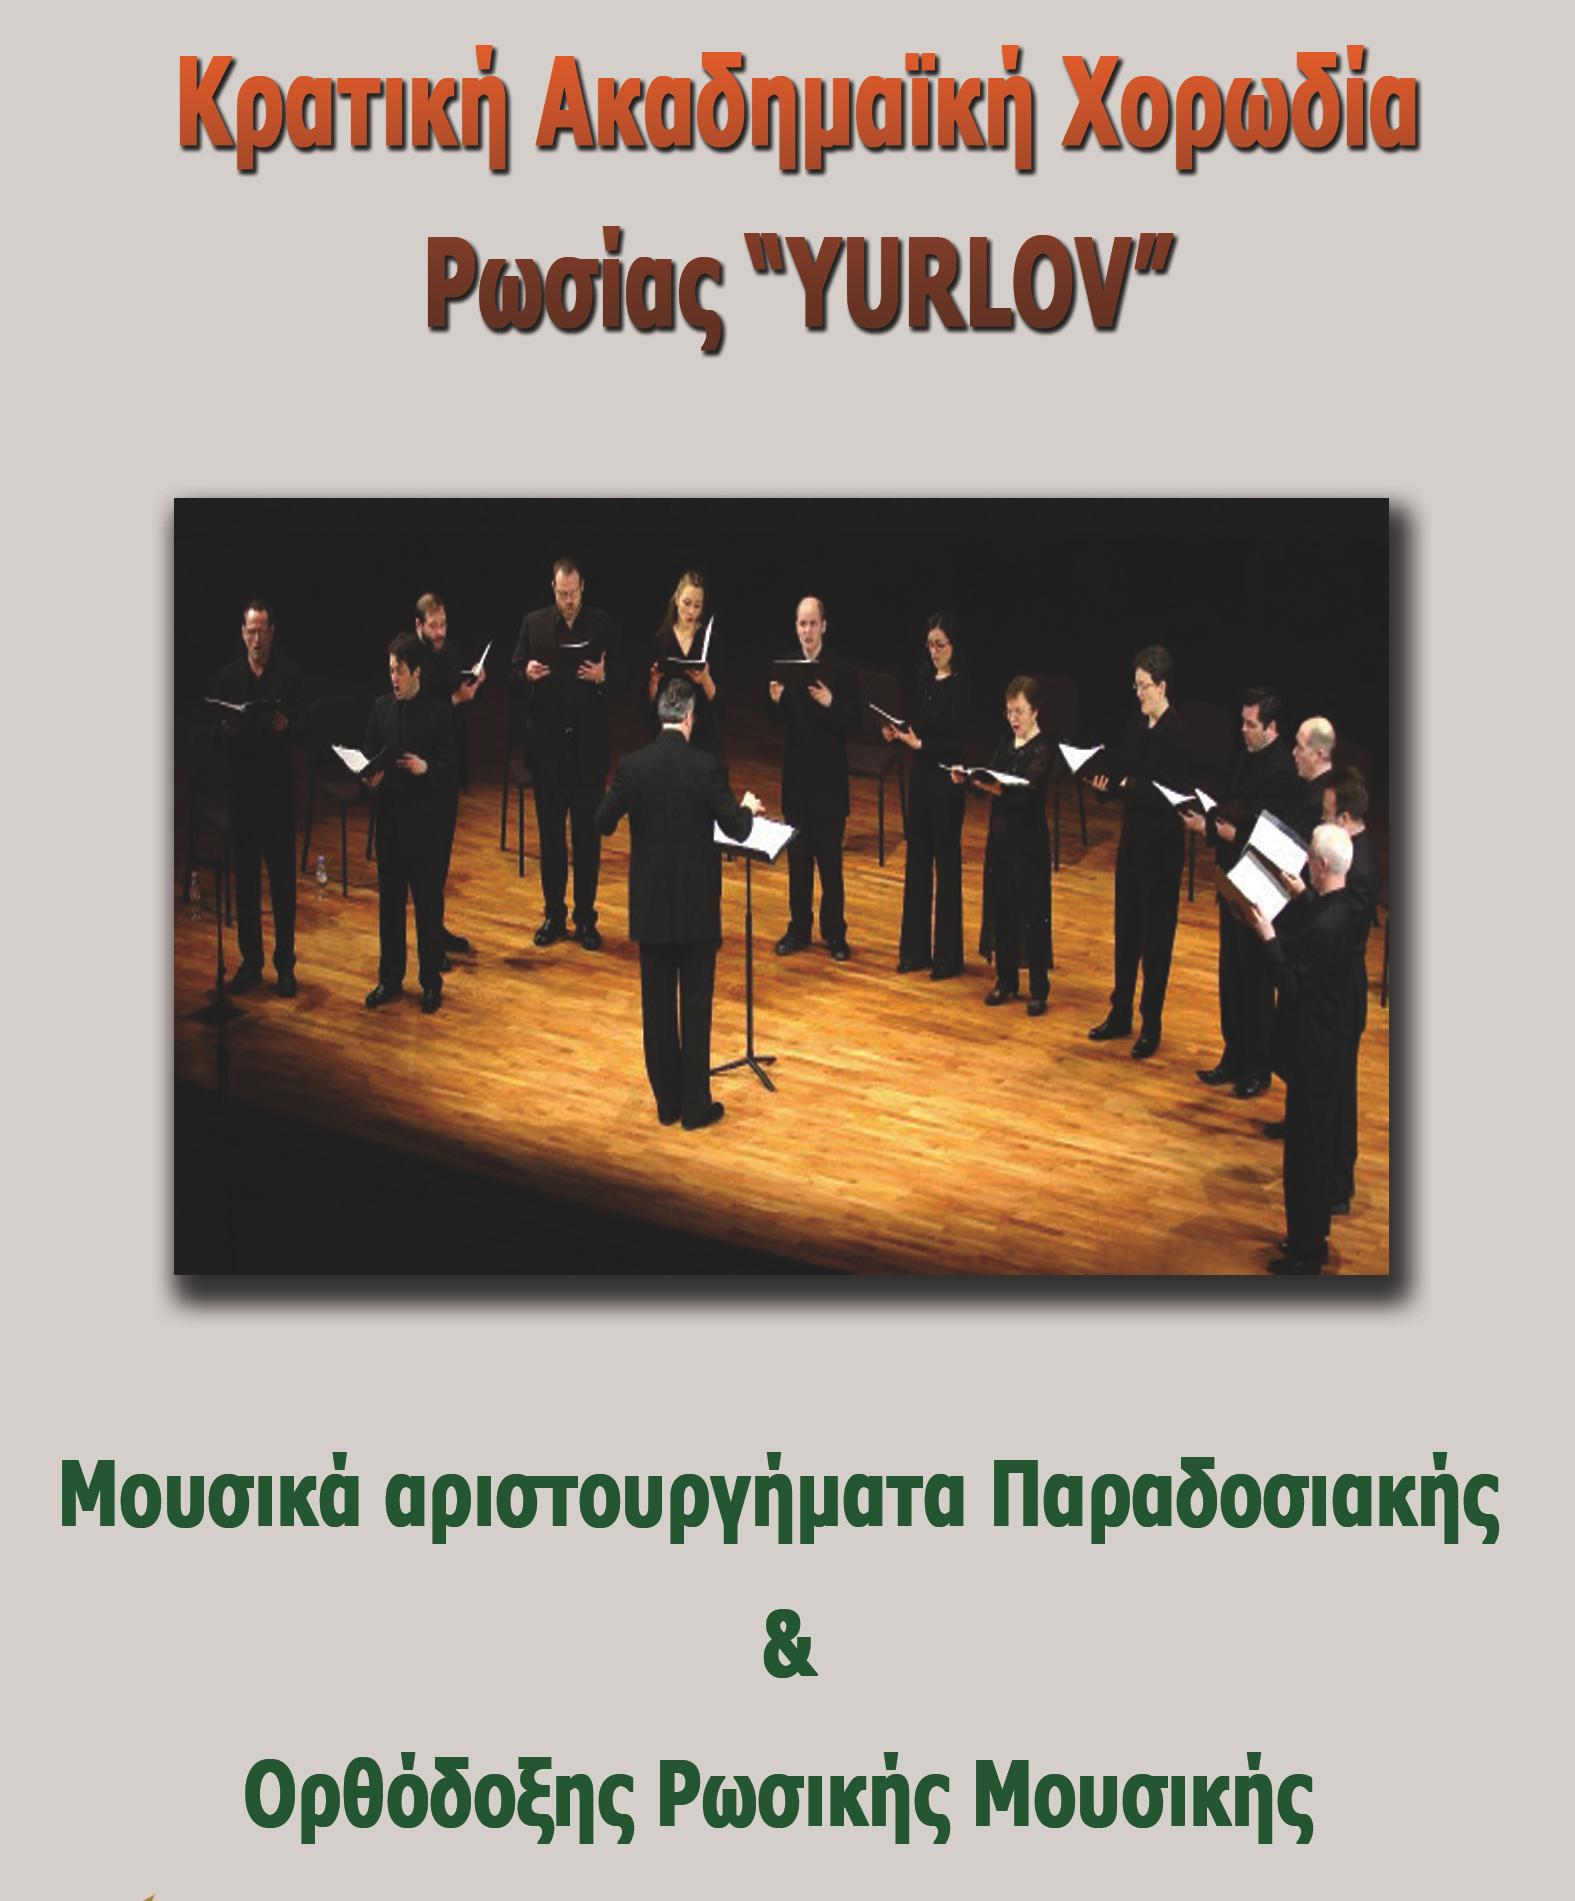 Η Ακαδημαϊκή Χορωδία της Ρωσίας Yurlov στο Σπίτι του Πολιτισμού